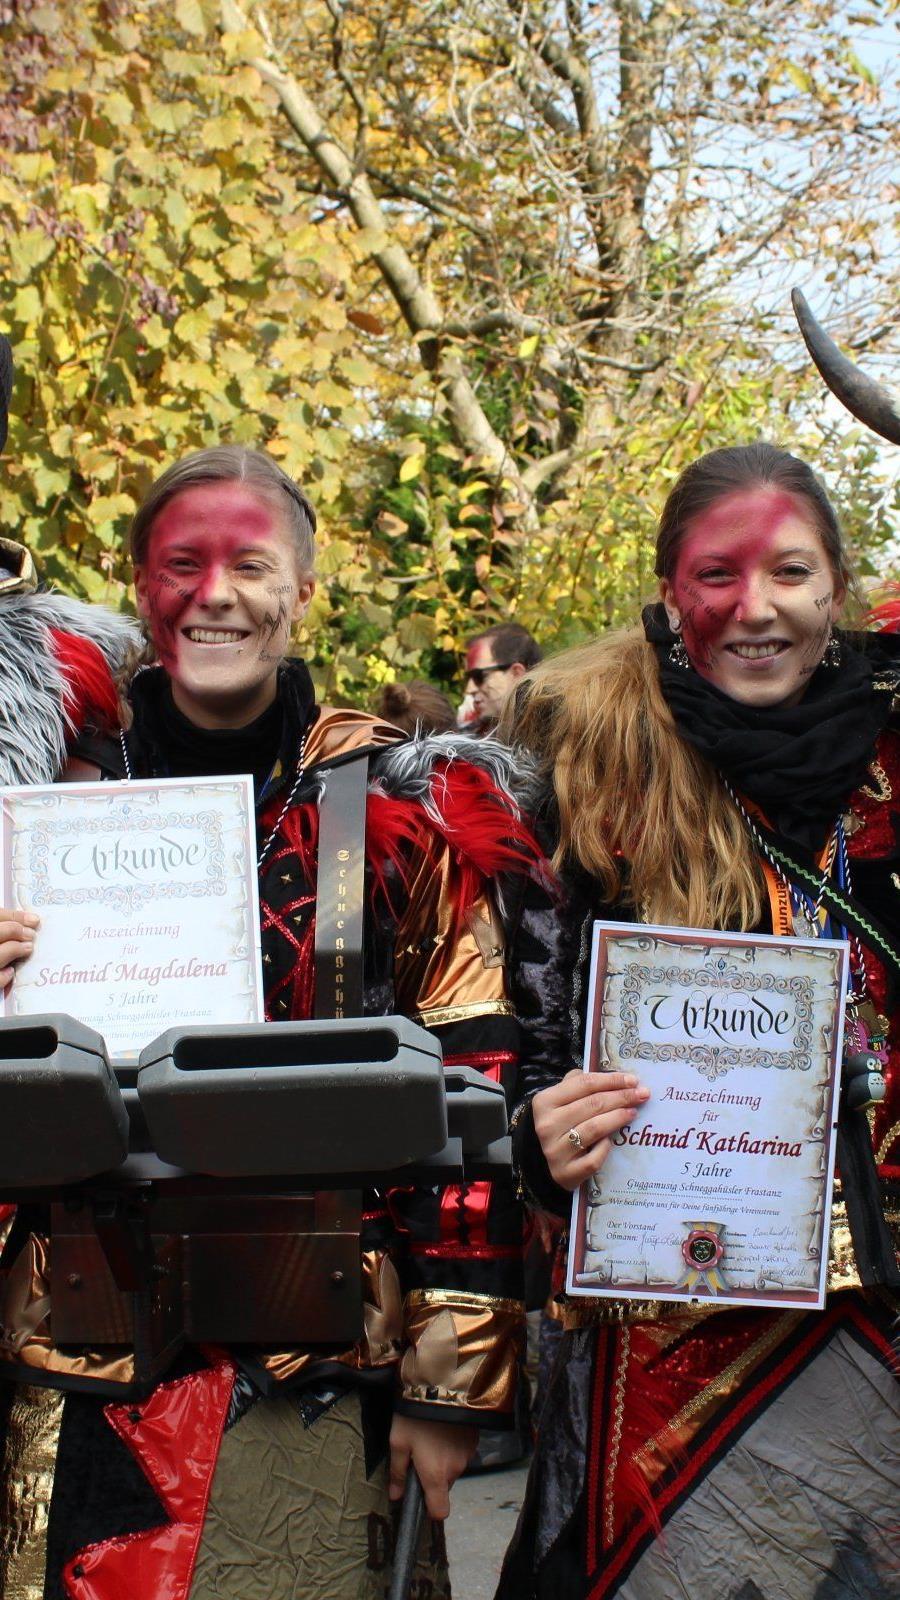 Magdalena und Katharina Schmid wurden bei den Schneggahüslern geehrt.